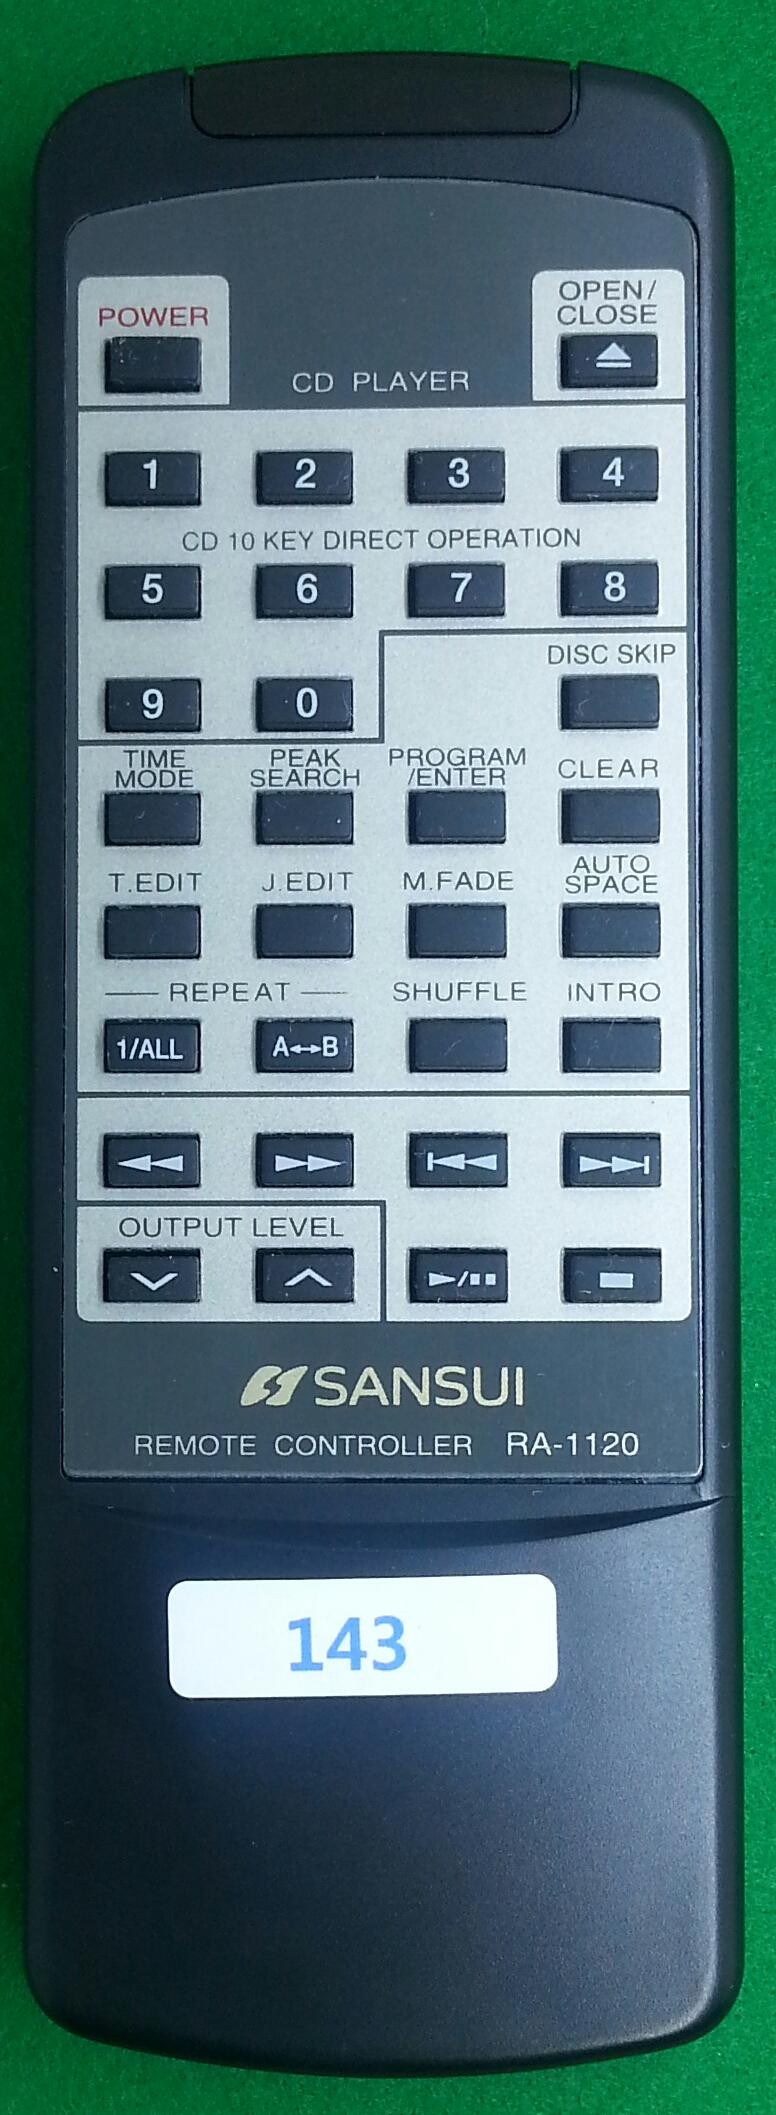 143_SANSUI_RA-1120-0.jpg